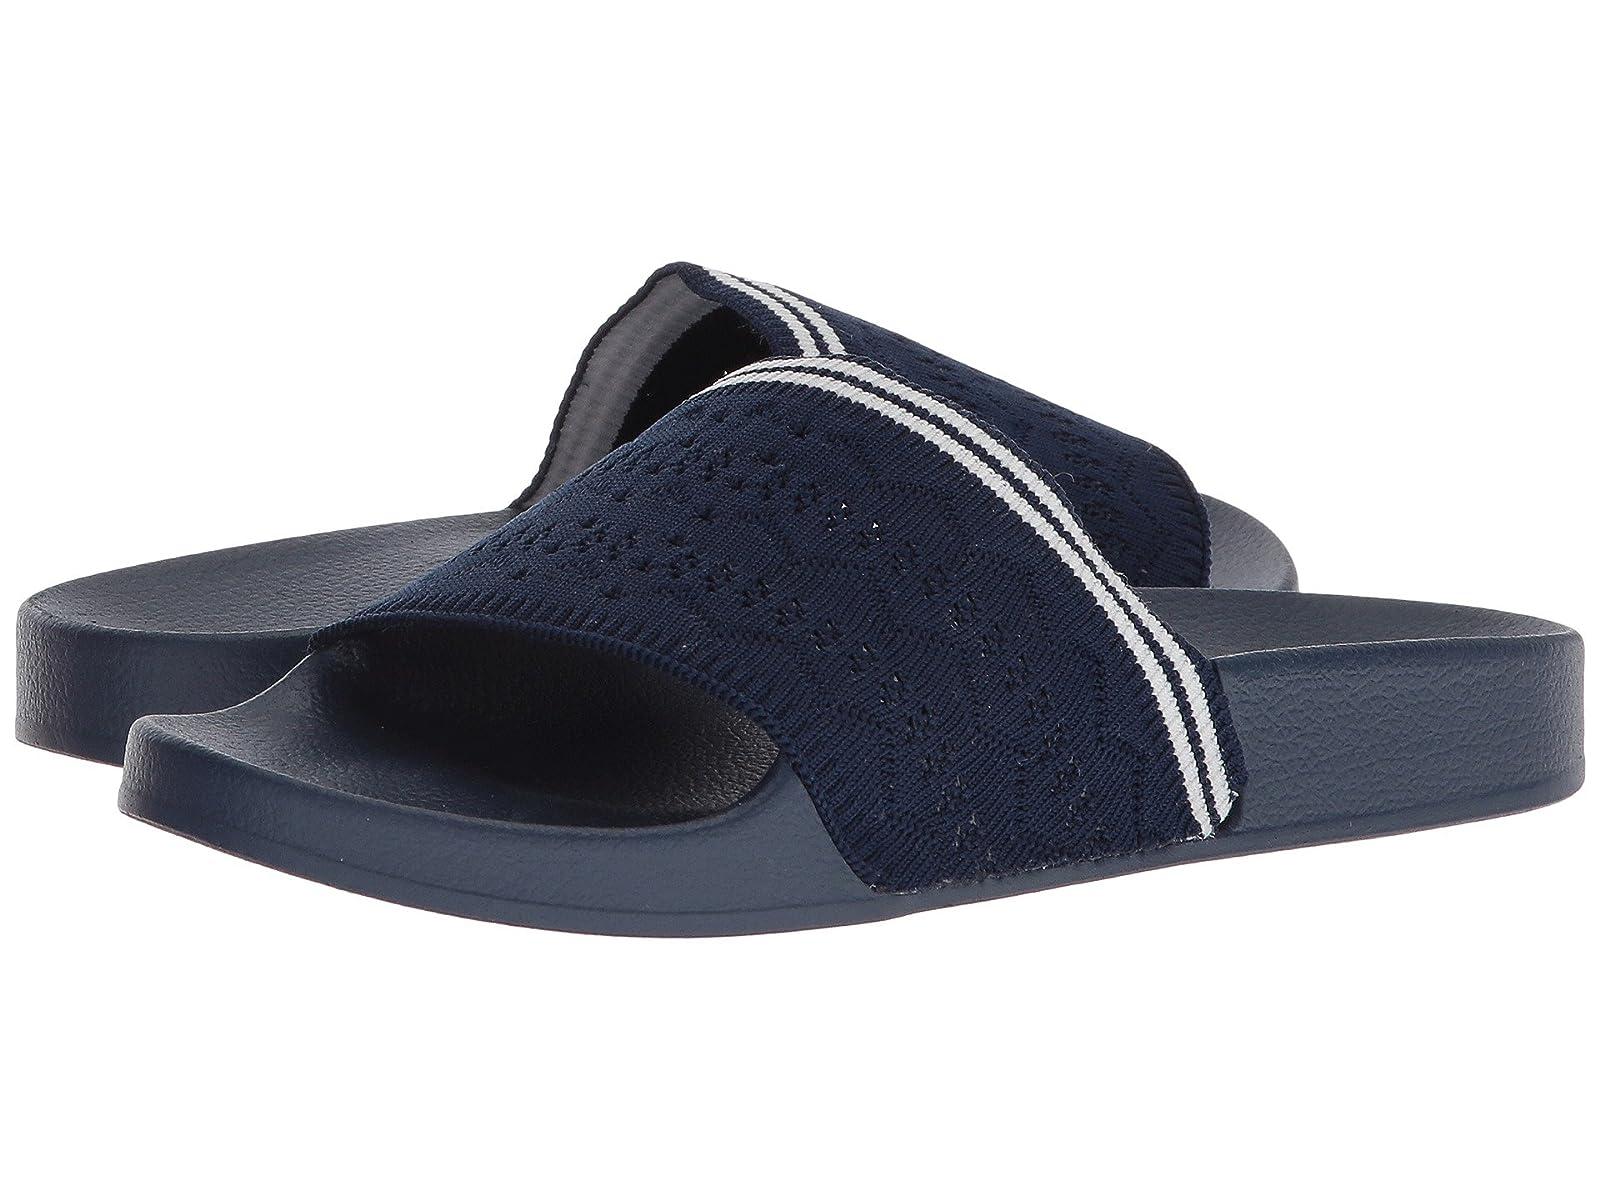 Steve Madden Vibe Slide Sandal Sandal Sandal c123a6